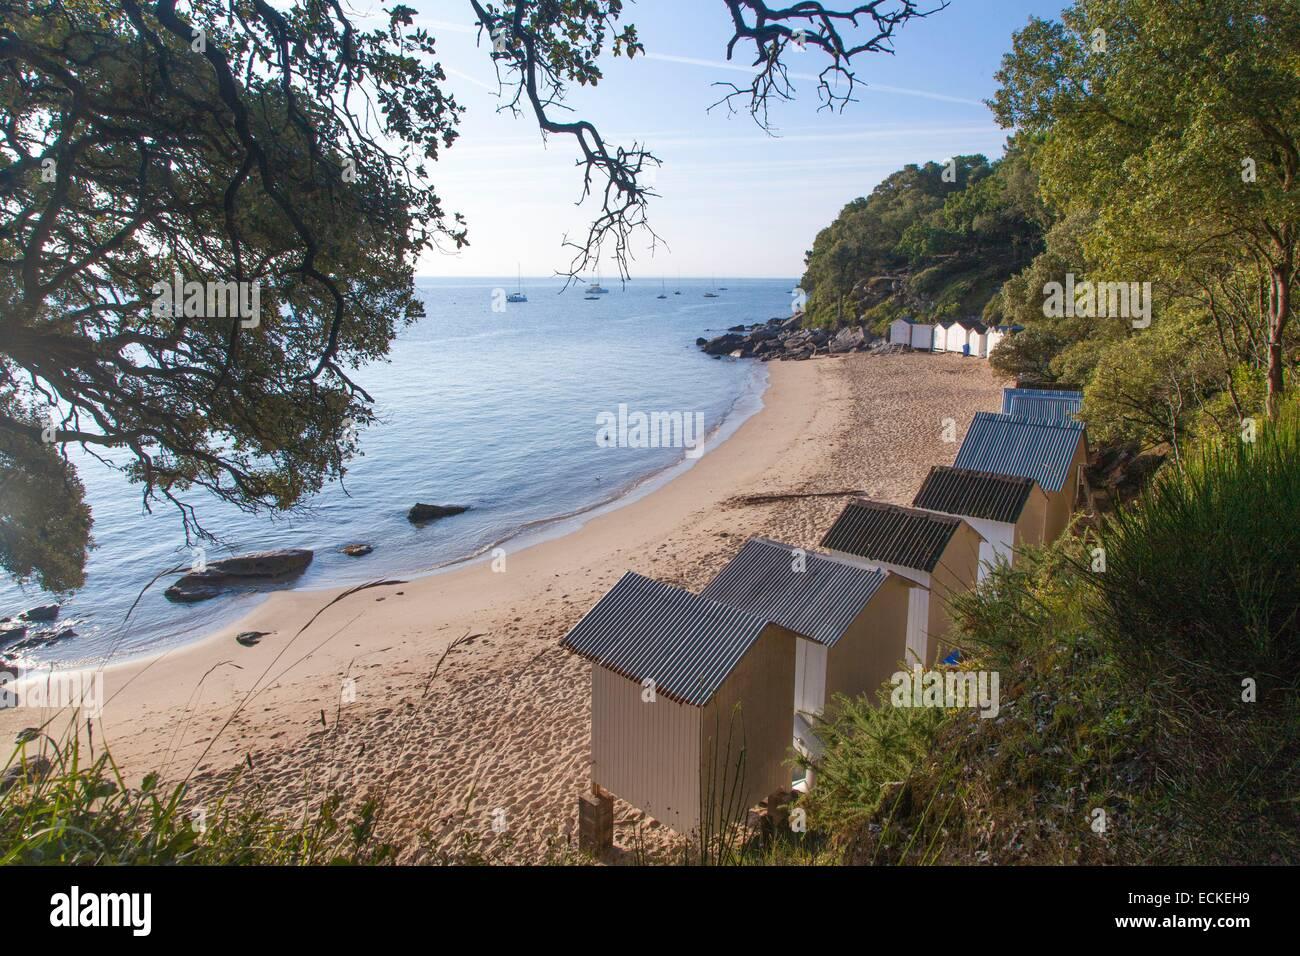 France Vendee Ile De Noirmoutier Le Bois La Chaise Plage Anse Rouge Et Cabines